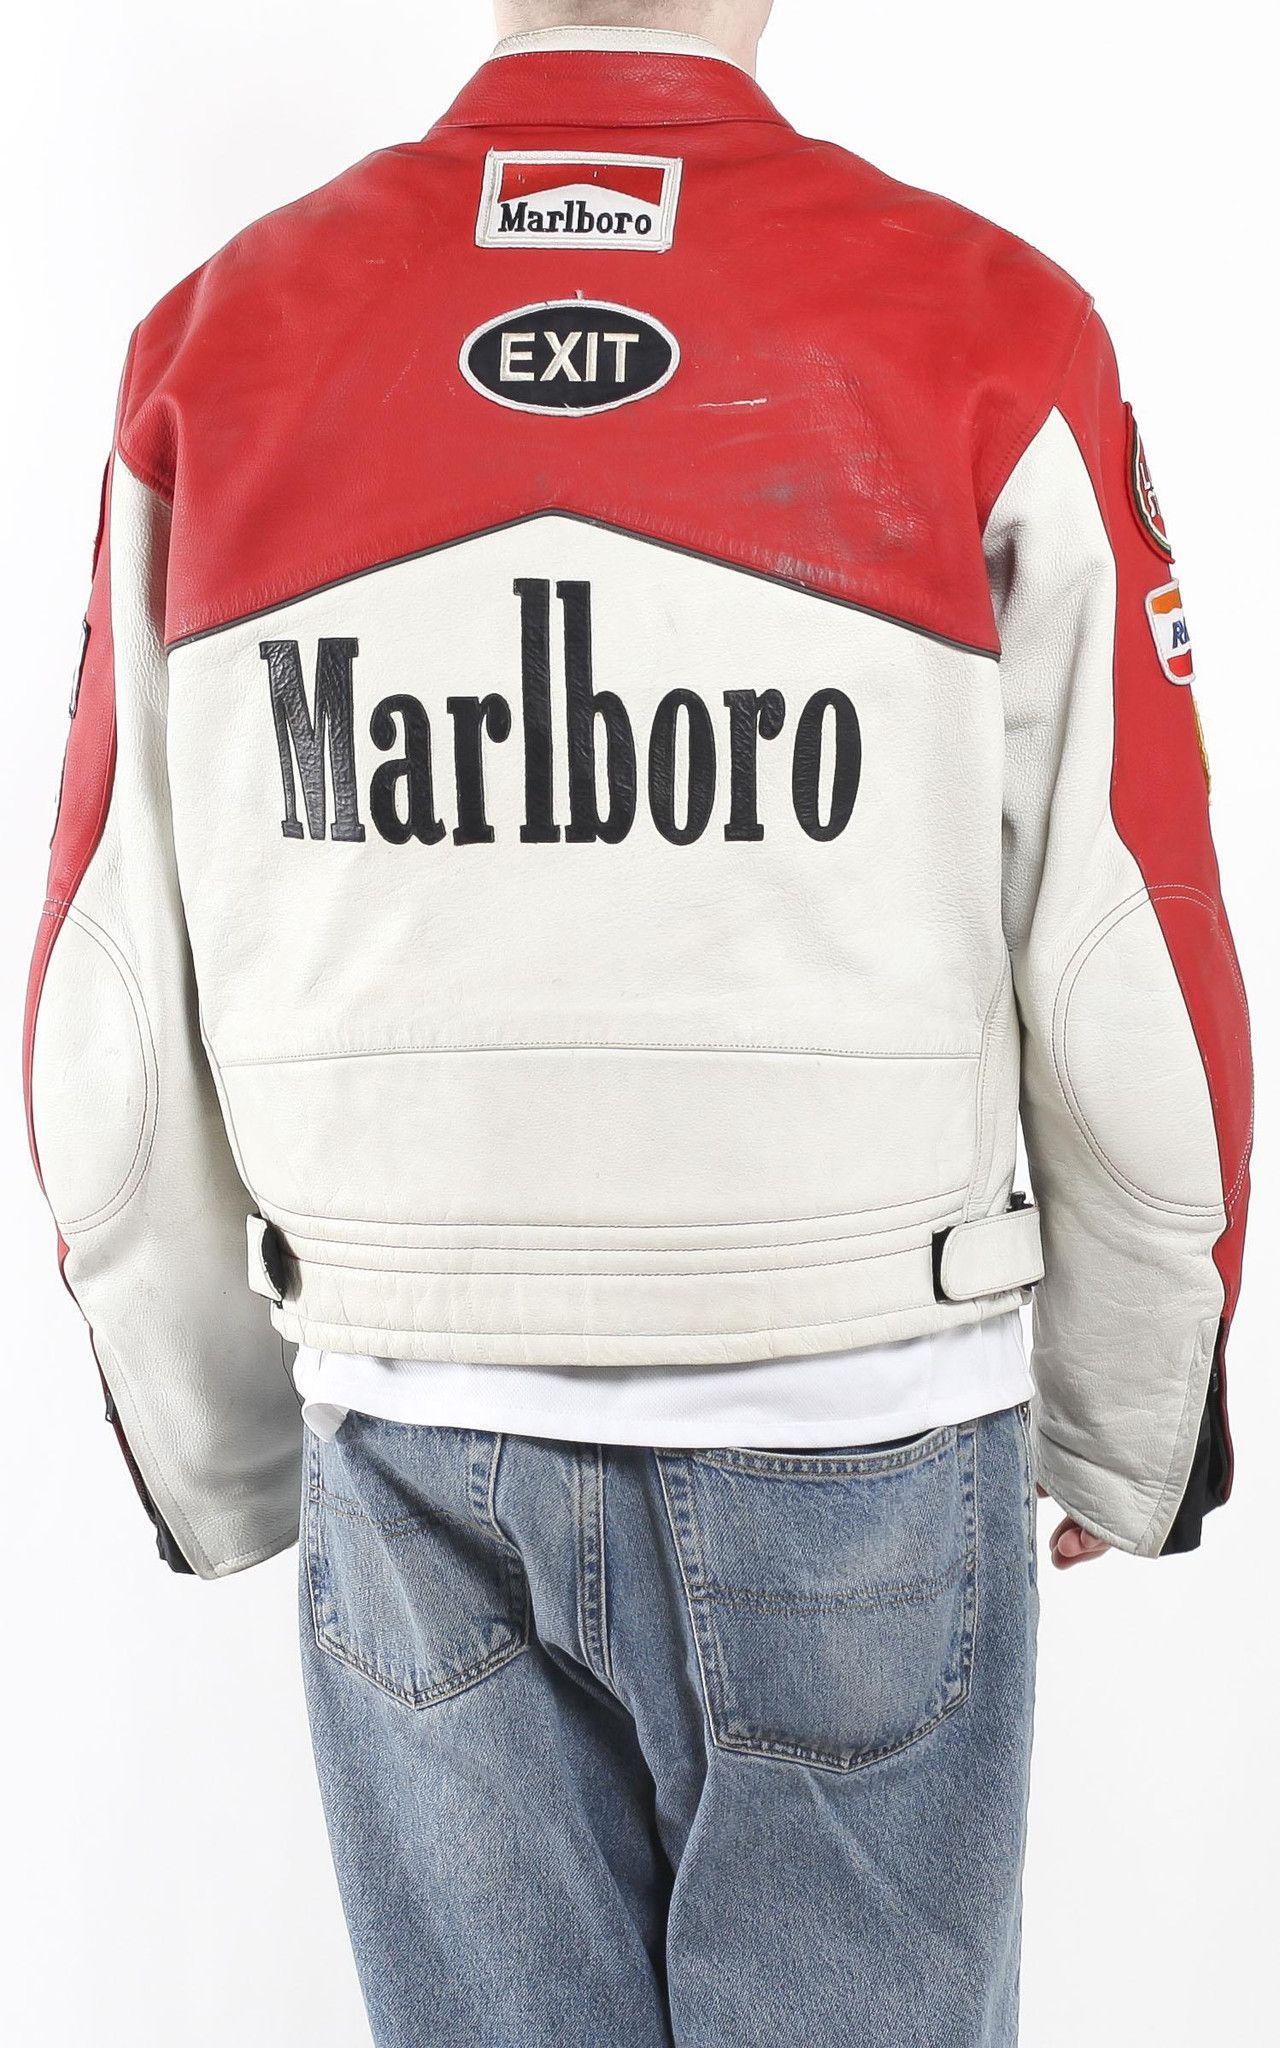 Vintage Marlboro Racing Leather Motorcycle Jacket Sz Xxl Vintage Leather Jacket Grunge Chic Fashion